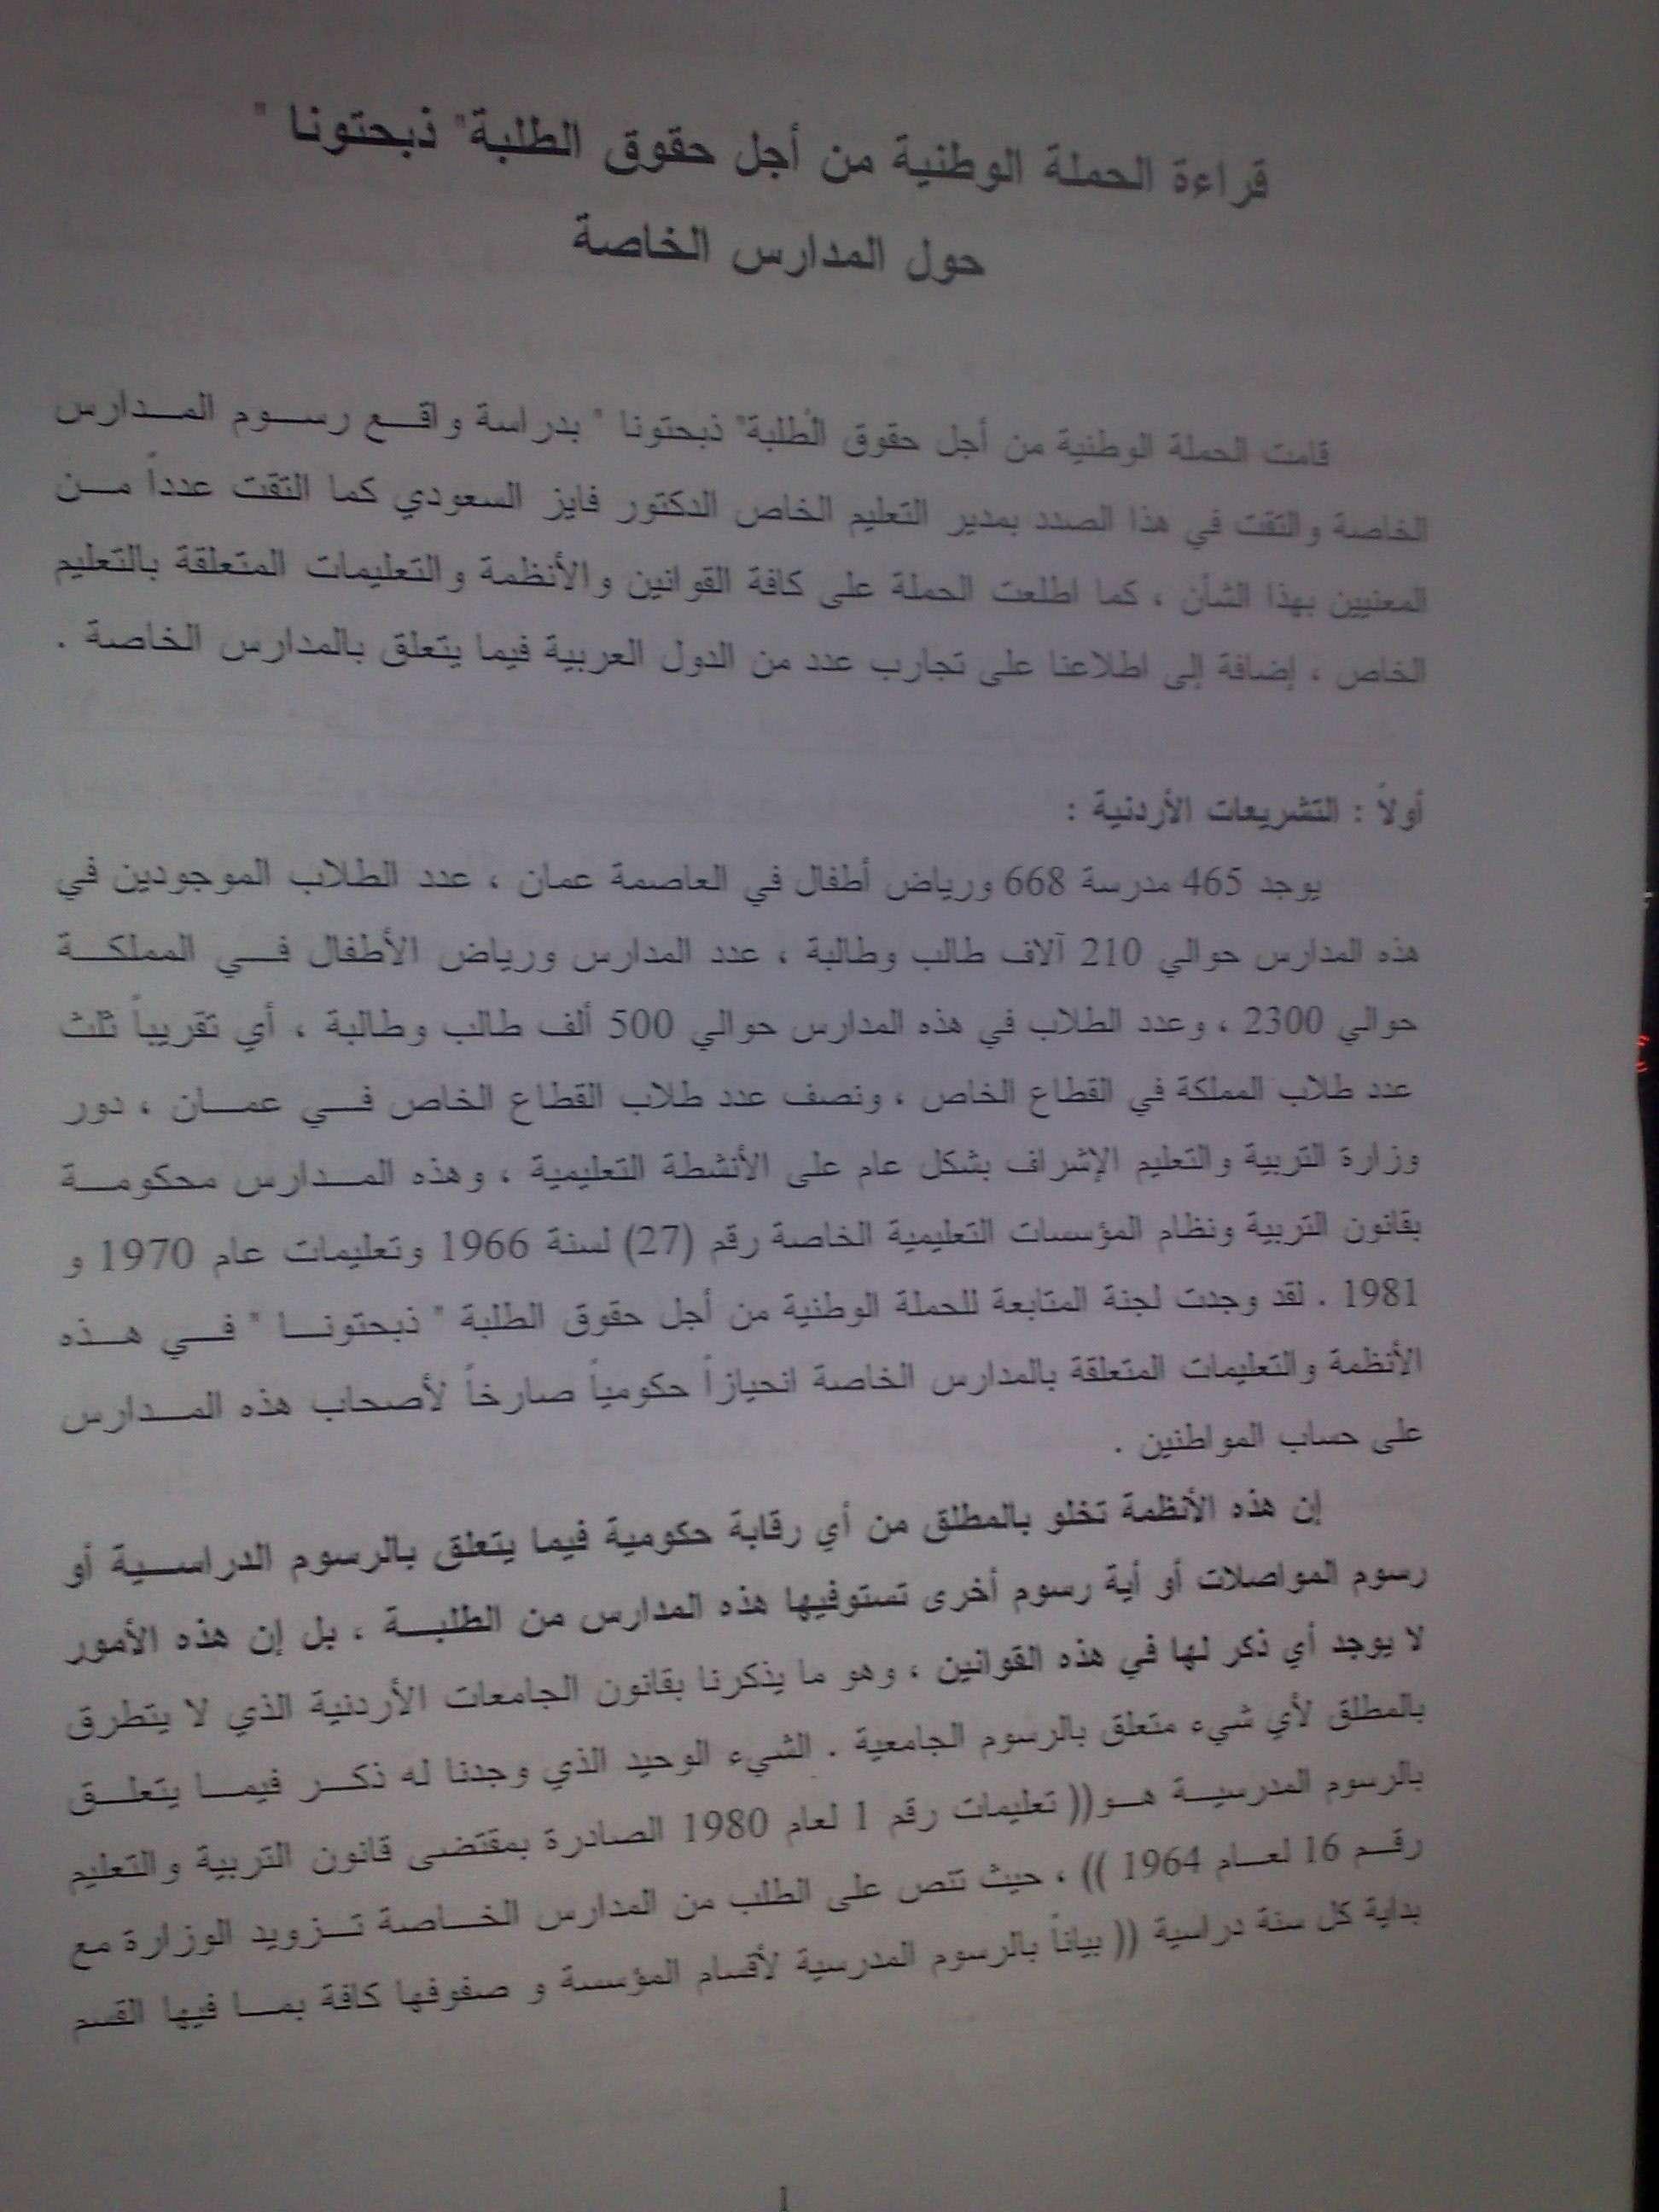 """قرائة الحملة الوطنية من اجل حقوق الطلبة"""" ذبحتونا"""" حول المدارس الخاصة Thab7t10"""